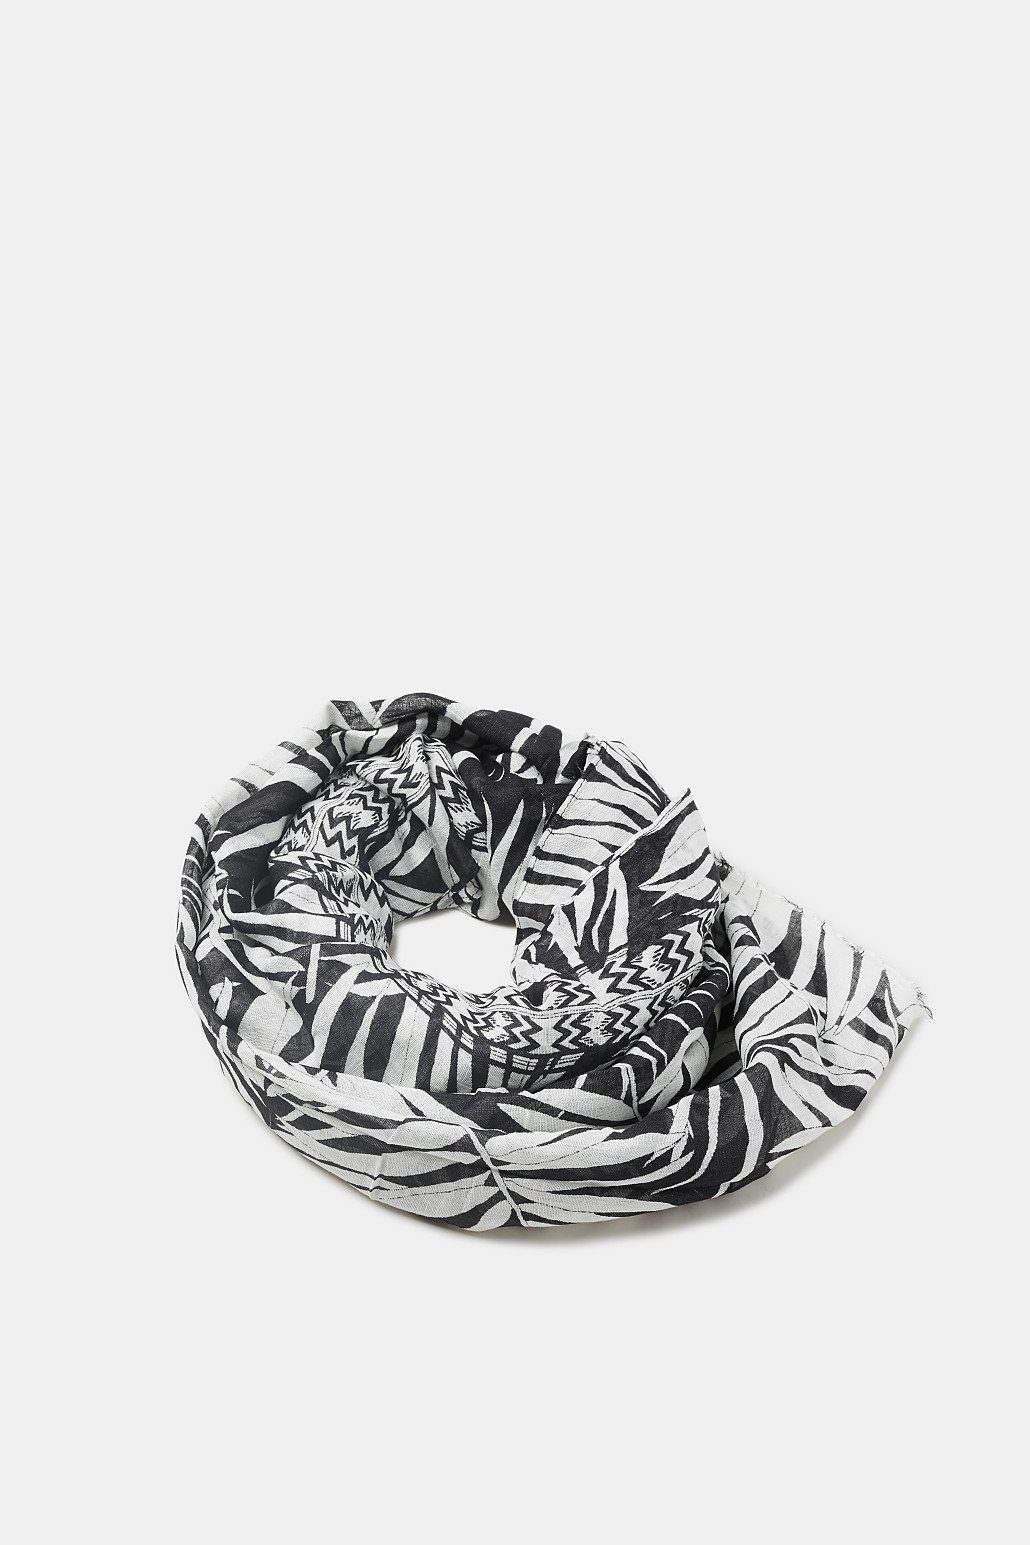 ESPRIT Transpartenter Print-Schal mit Leinen